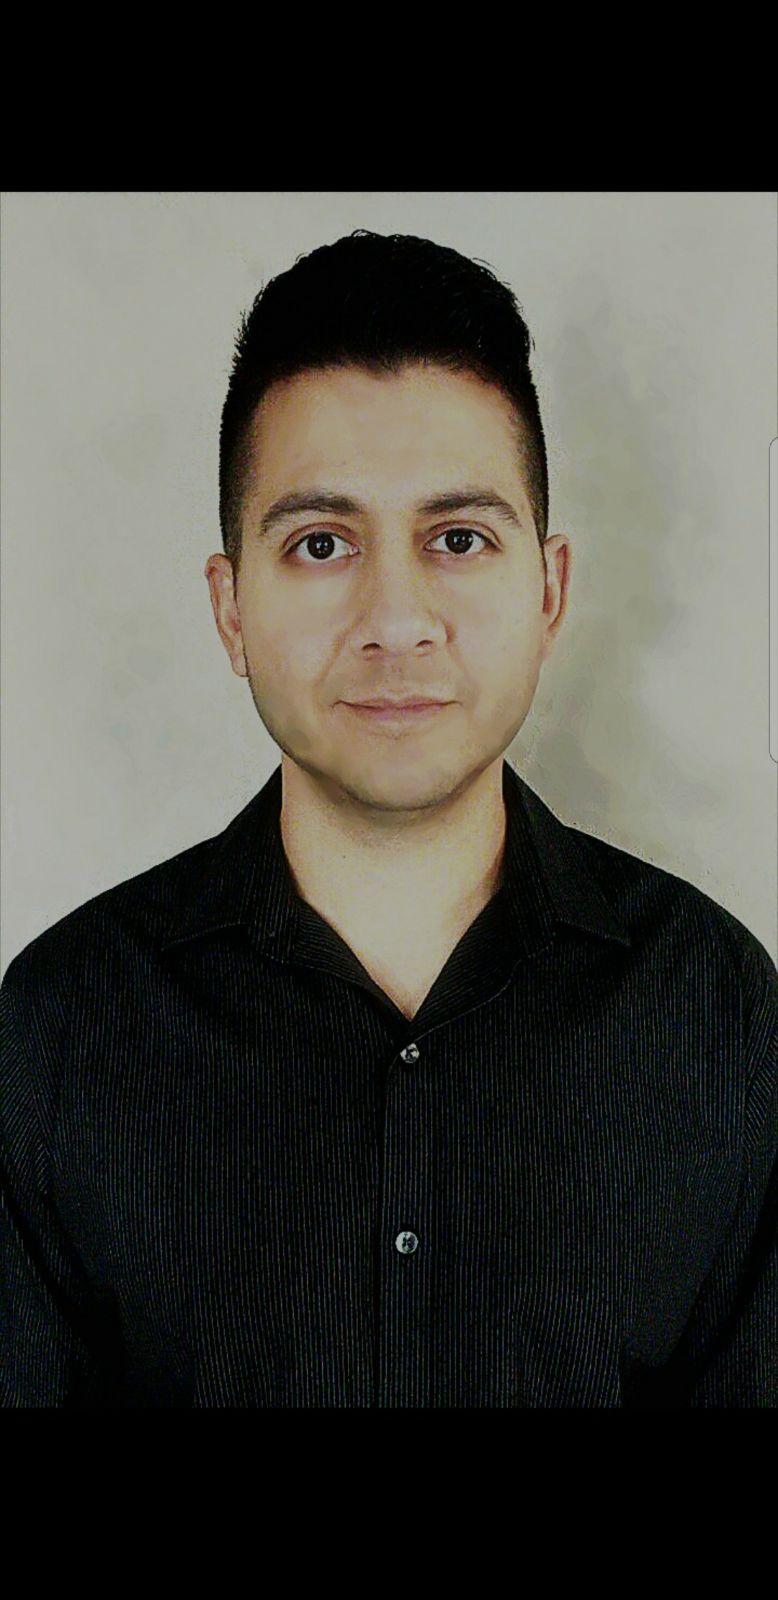 Andres Ruiz